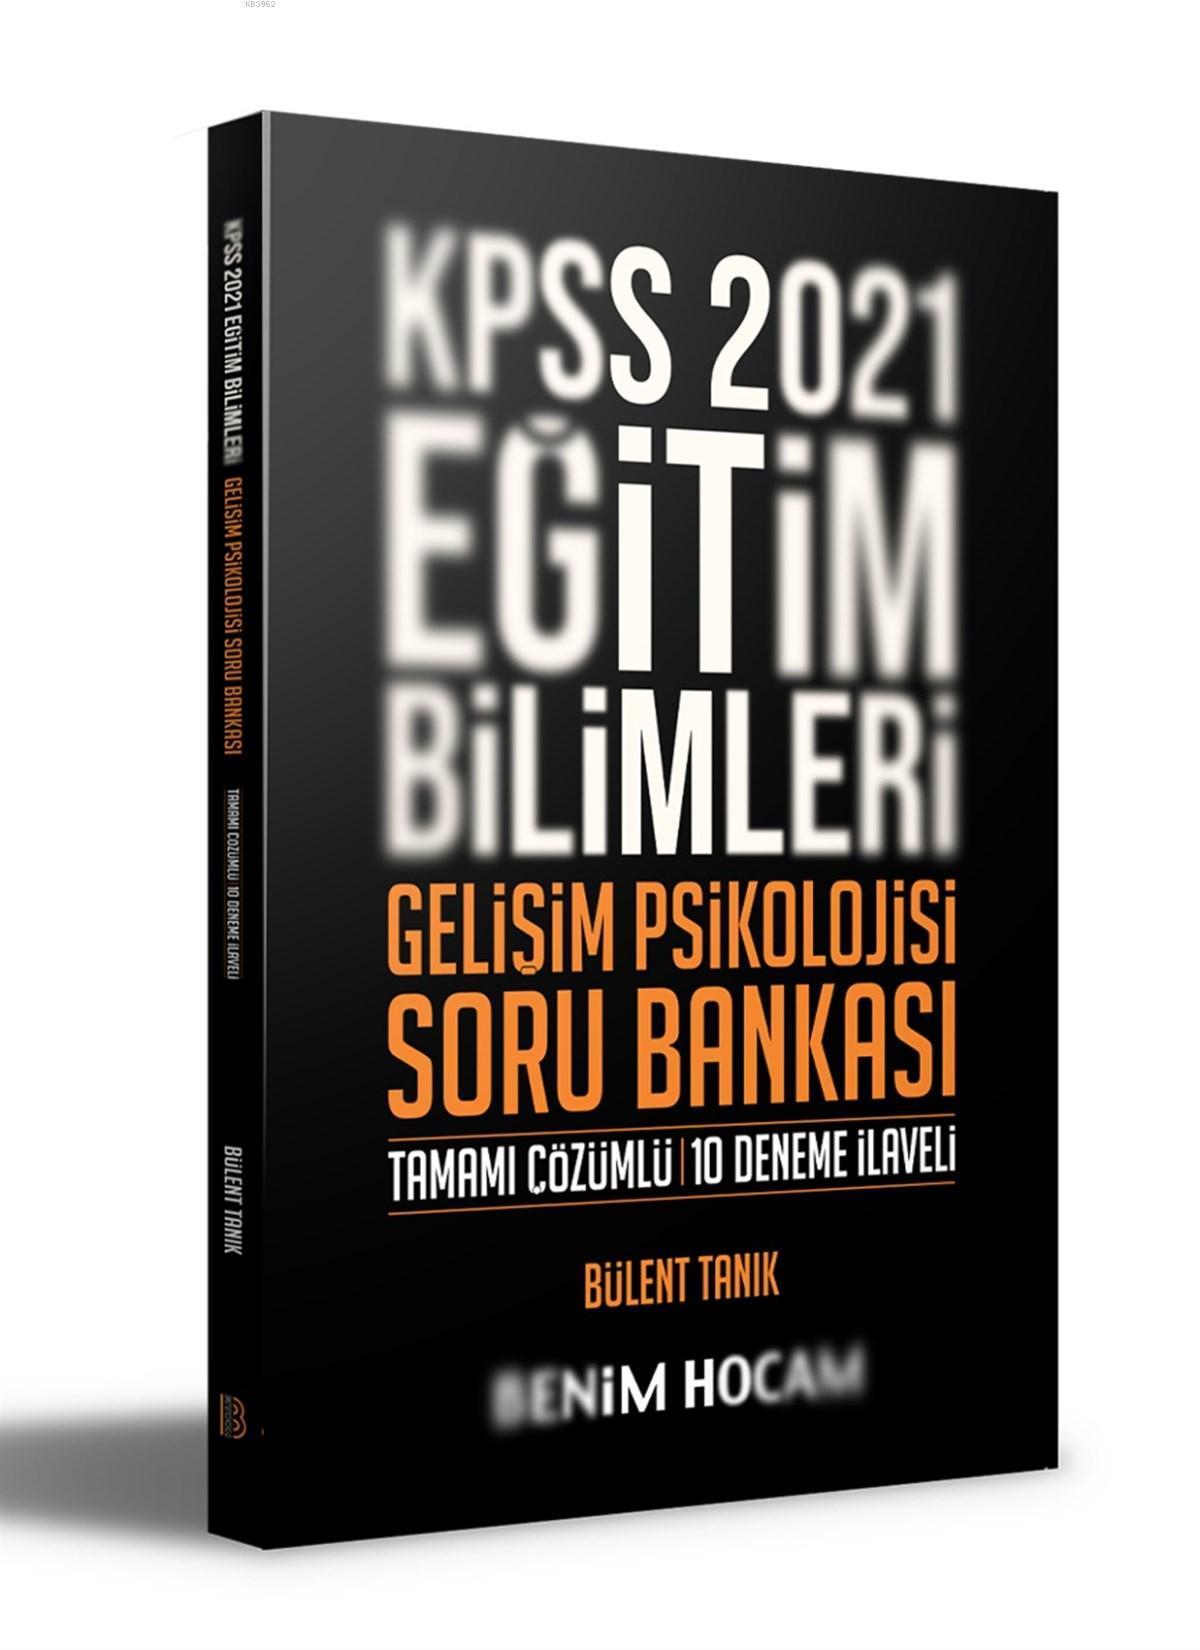 2021 KPSS Eğitim Bilimleri Gelişim Psikolojisi Tamamı Çözümlü 10 Deneme İlaveli Soru Bankası Benim H